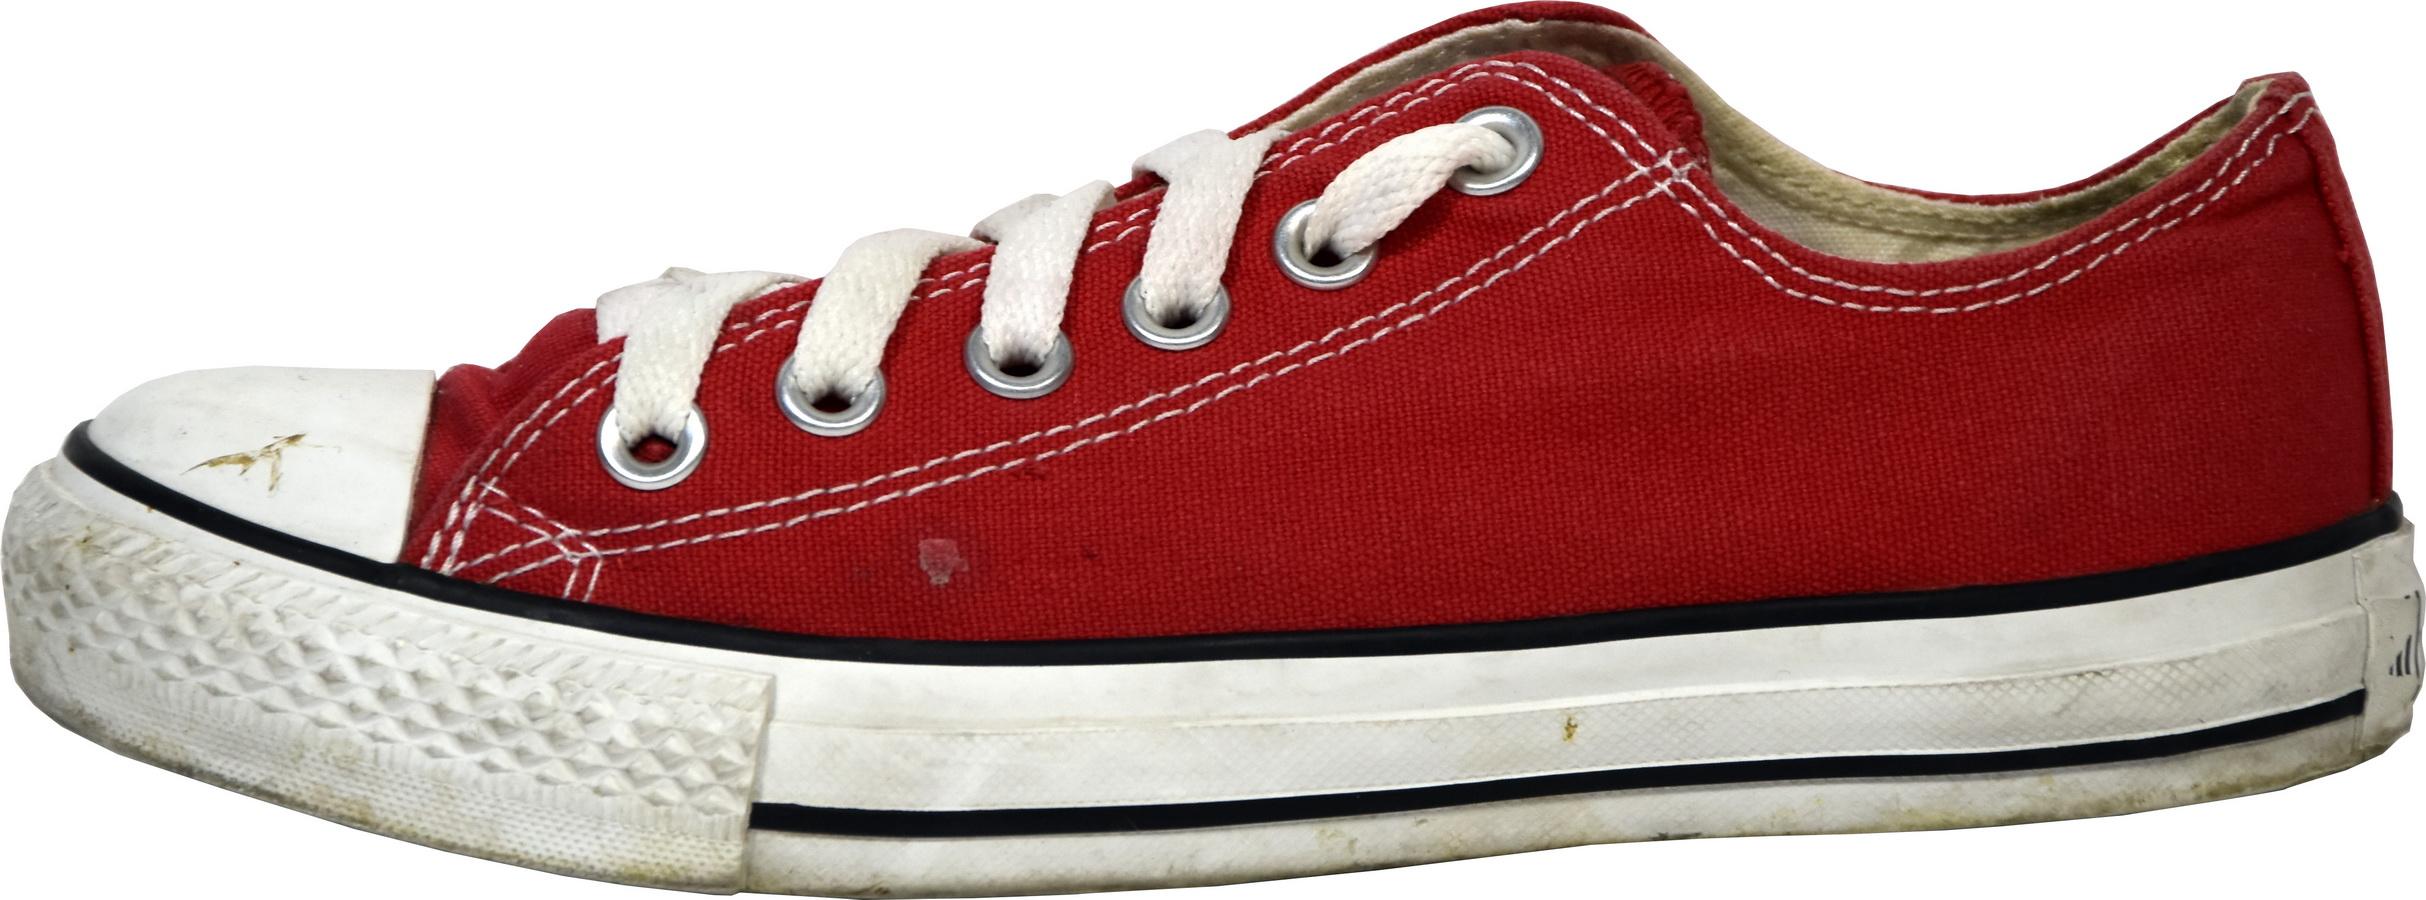 908e54708d5cf Converse basses rouge chuck taylor core ox - très bon état voir photos juste  semelle un peu salie - le 37 correspond à un 38